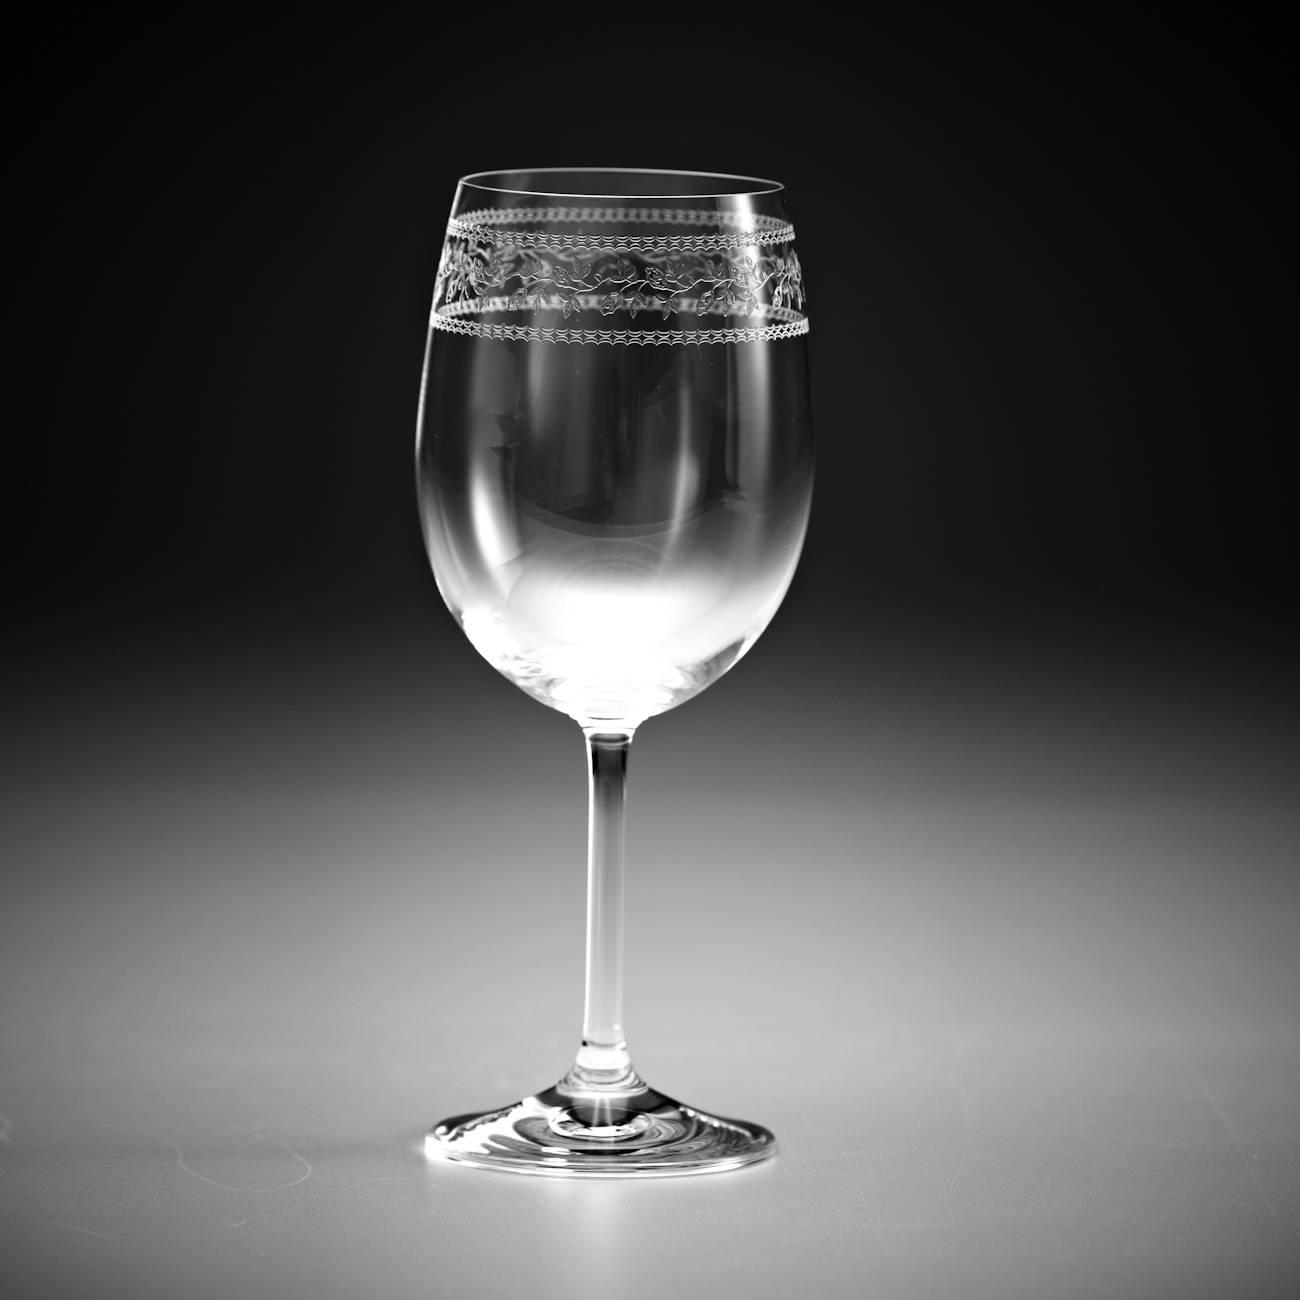 Conjunto de Taças para Vinho Branco Sara Pantografadas - 6 Peças - em Cristal - Rona